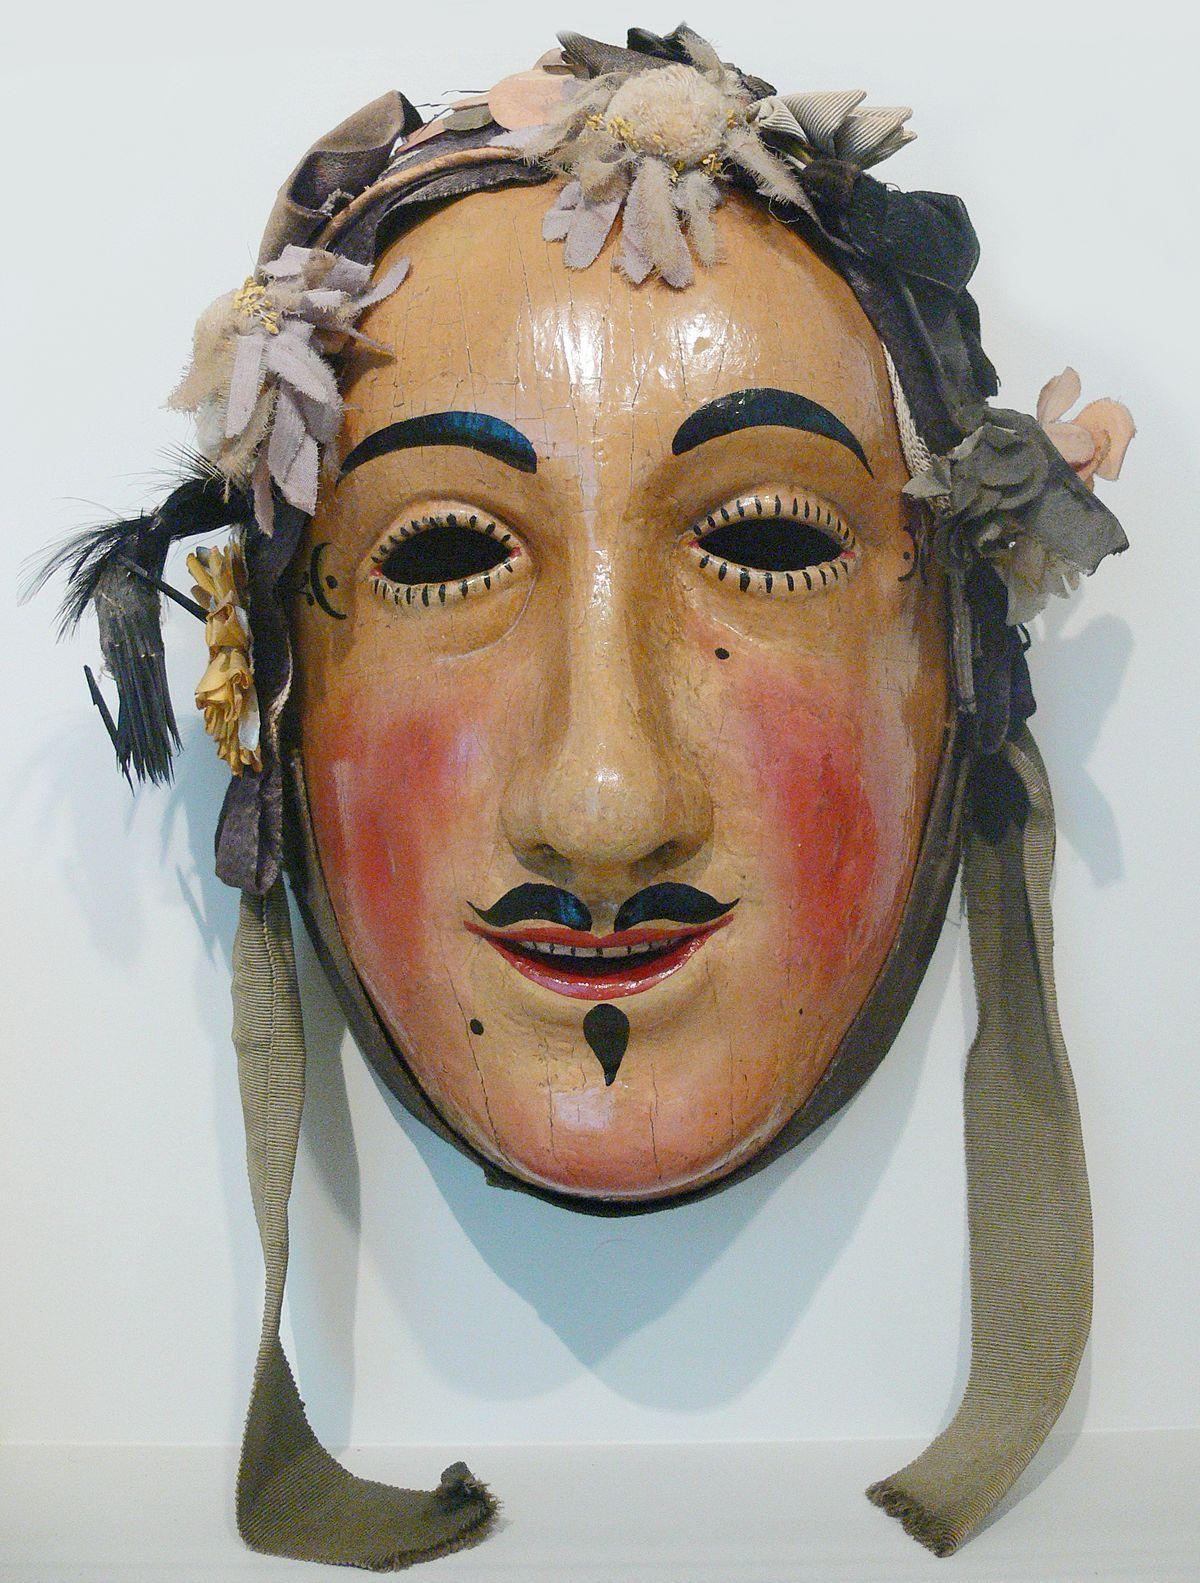 Die Maske für die Person aus den Schnellkraut